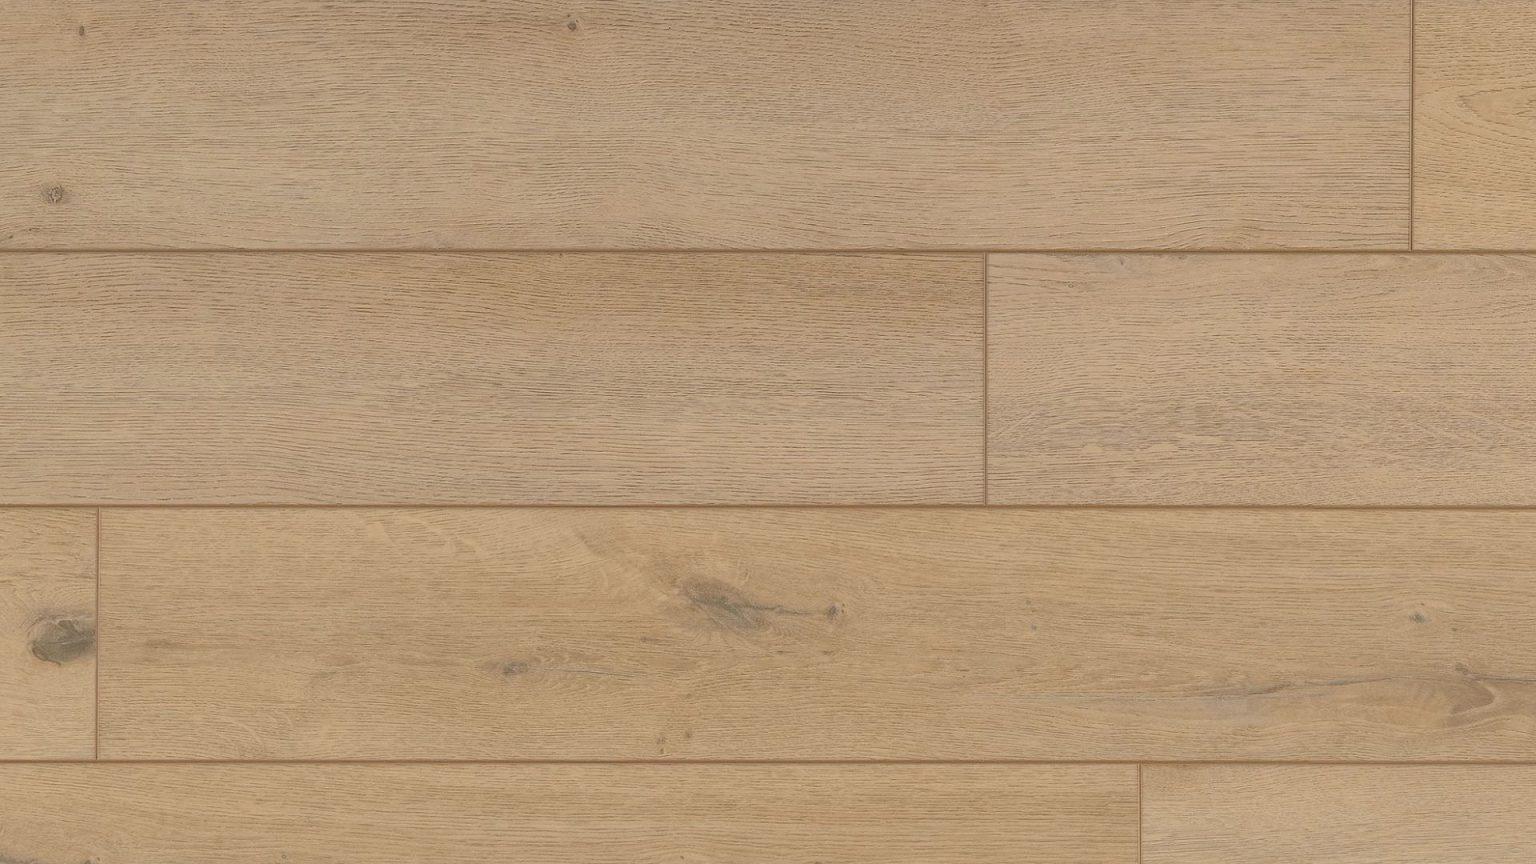 Emerald 50 LVRE 110 / COREtec® authentics wood